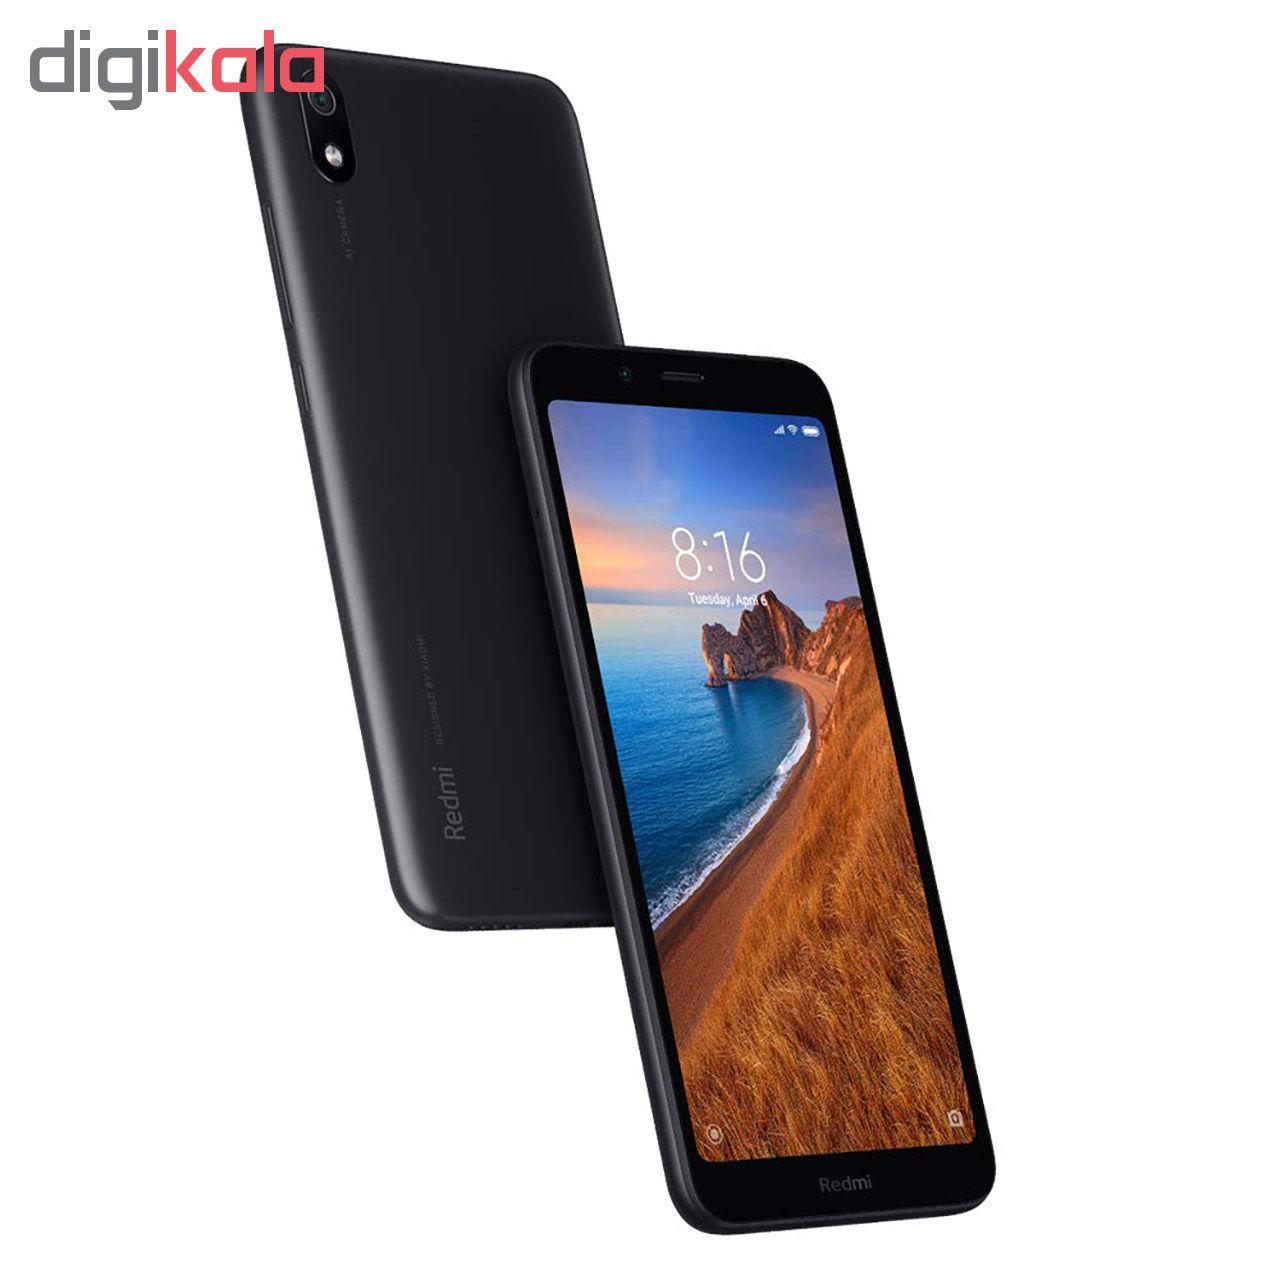 گوشی موبایل شیائومی مدل Redmi 7A M1903C3EG دو سیم کارت ظرفیت 32 گیگابایت main 1 13